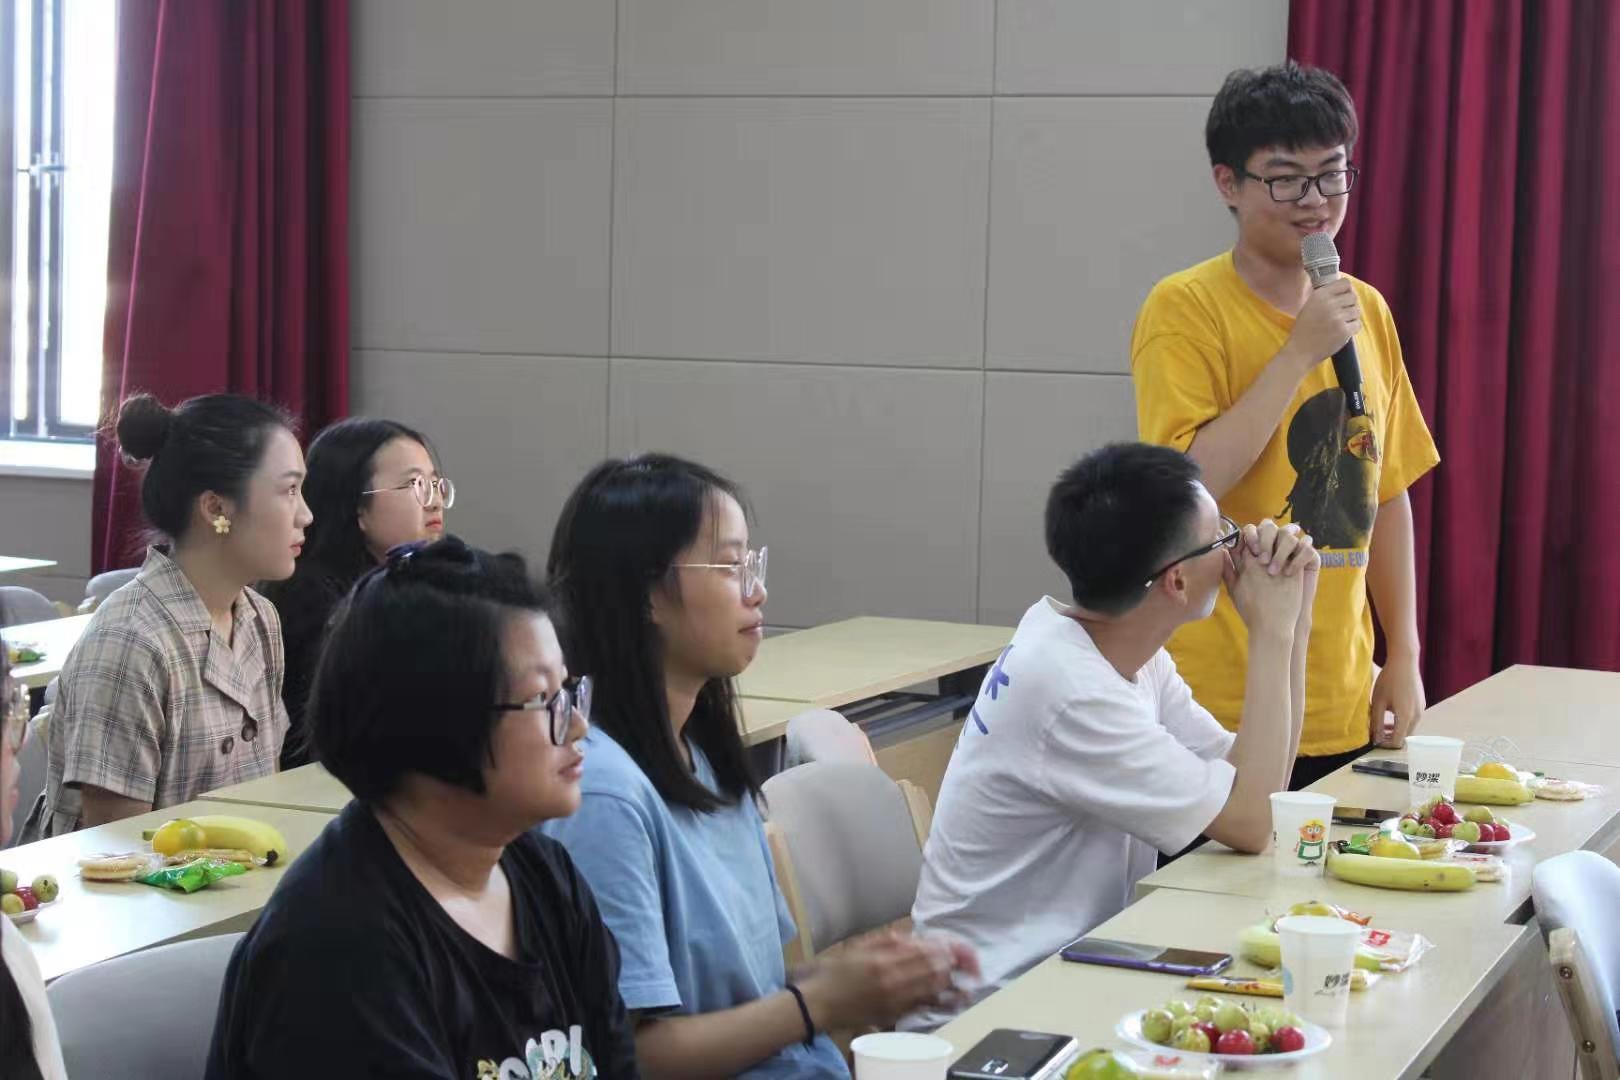 新葡京官网 注册 开户-新葡京 首选网投平台